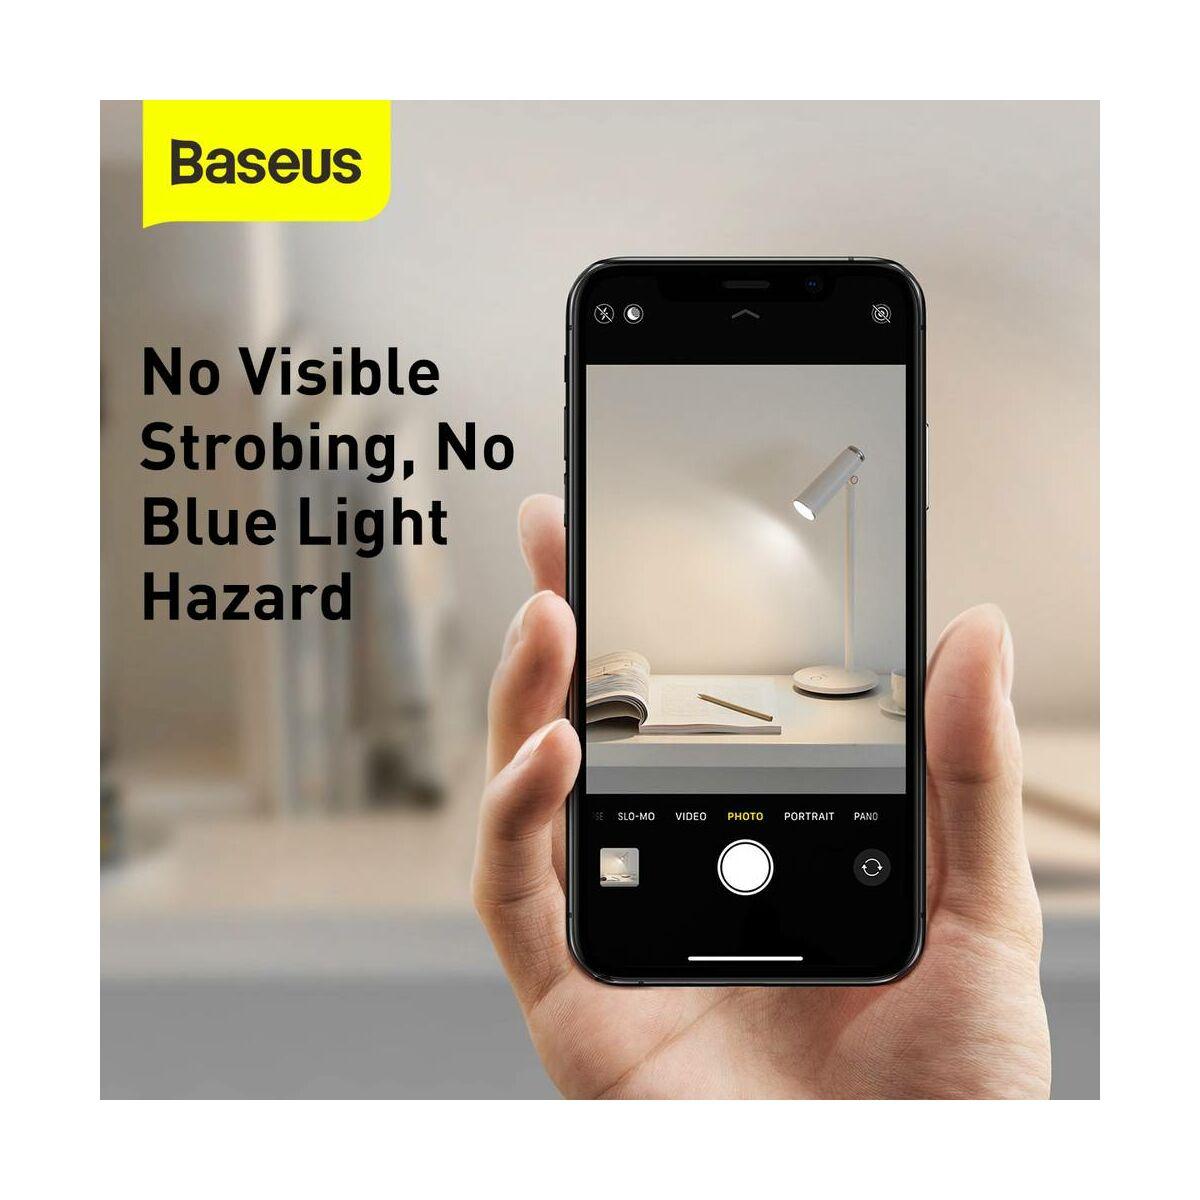 Baseus otthon, i-wok series asztali LED lámpa, vezeték nélküli, 1800 mAh, 3.8W, fehér (DGIWK-A02)